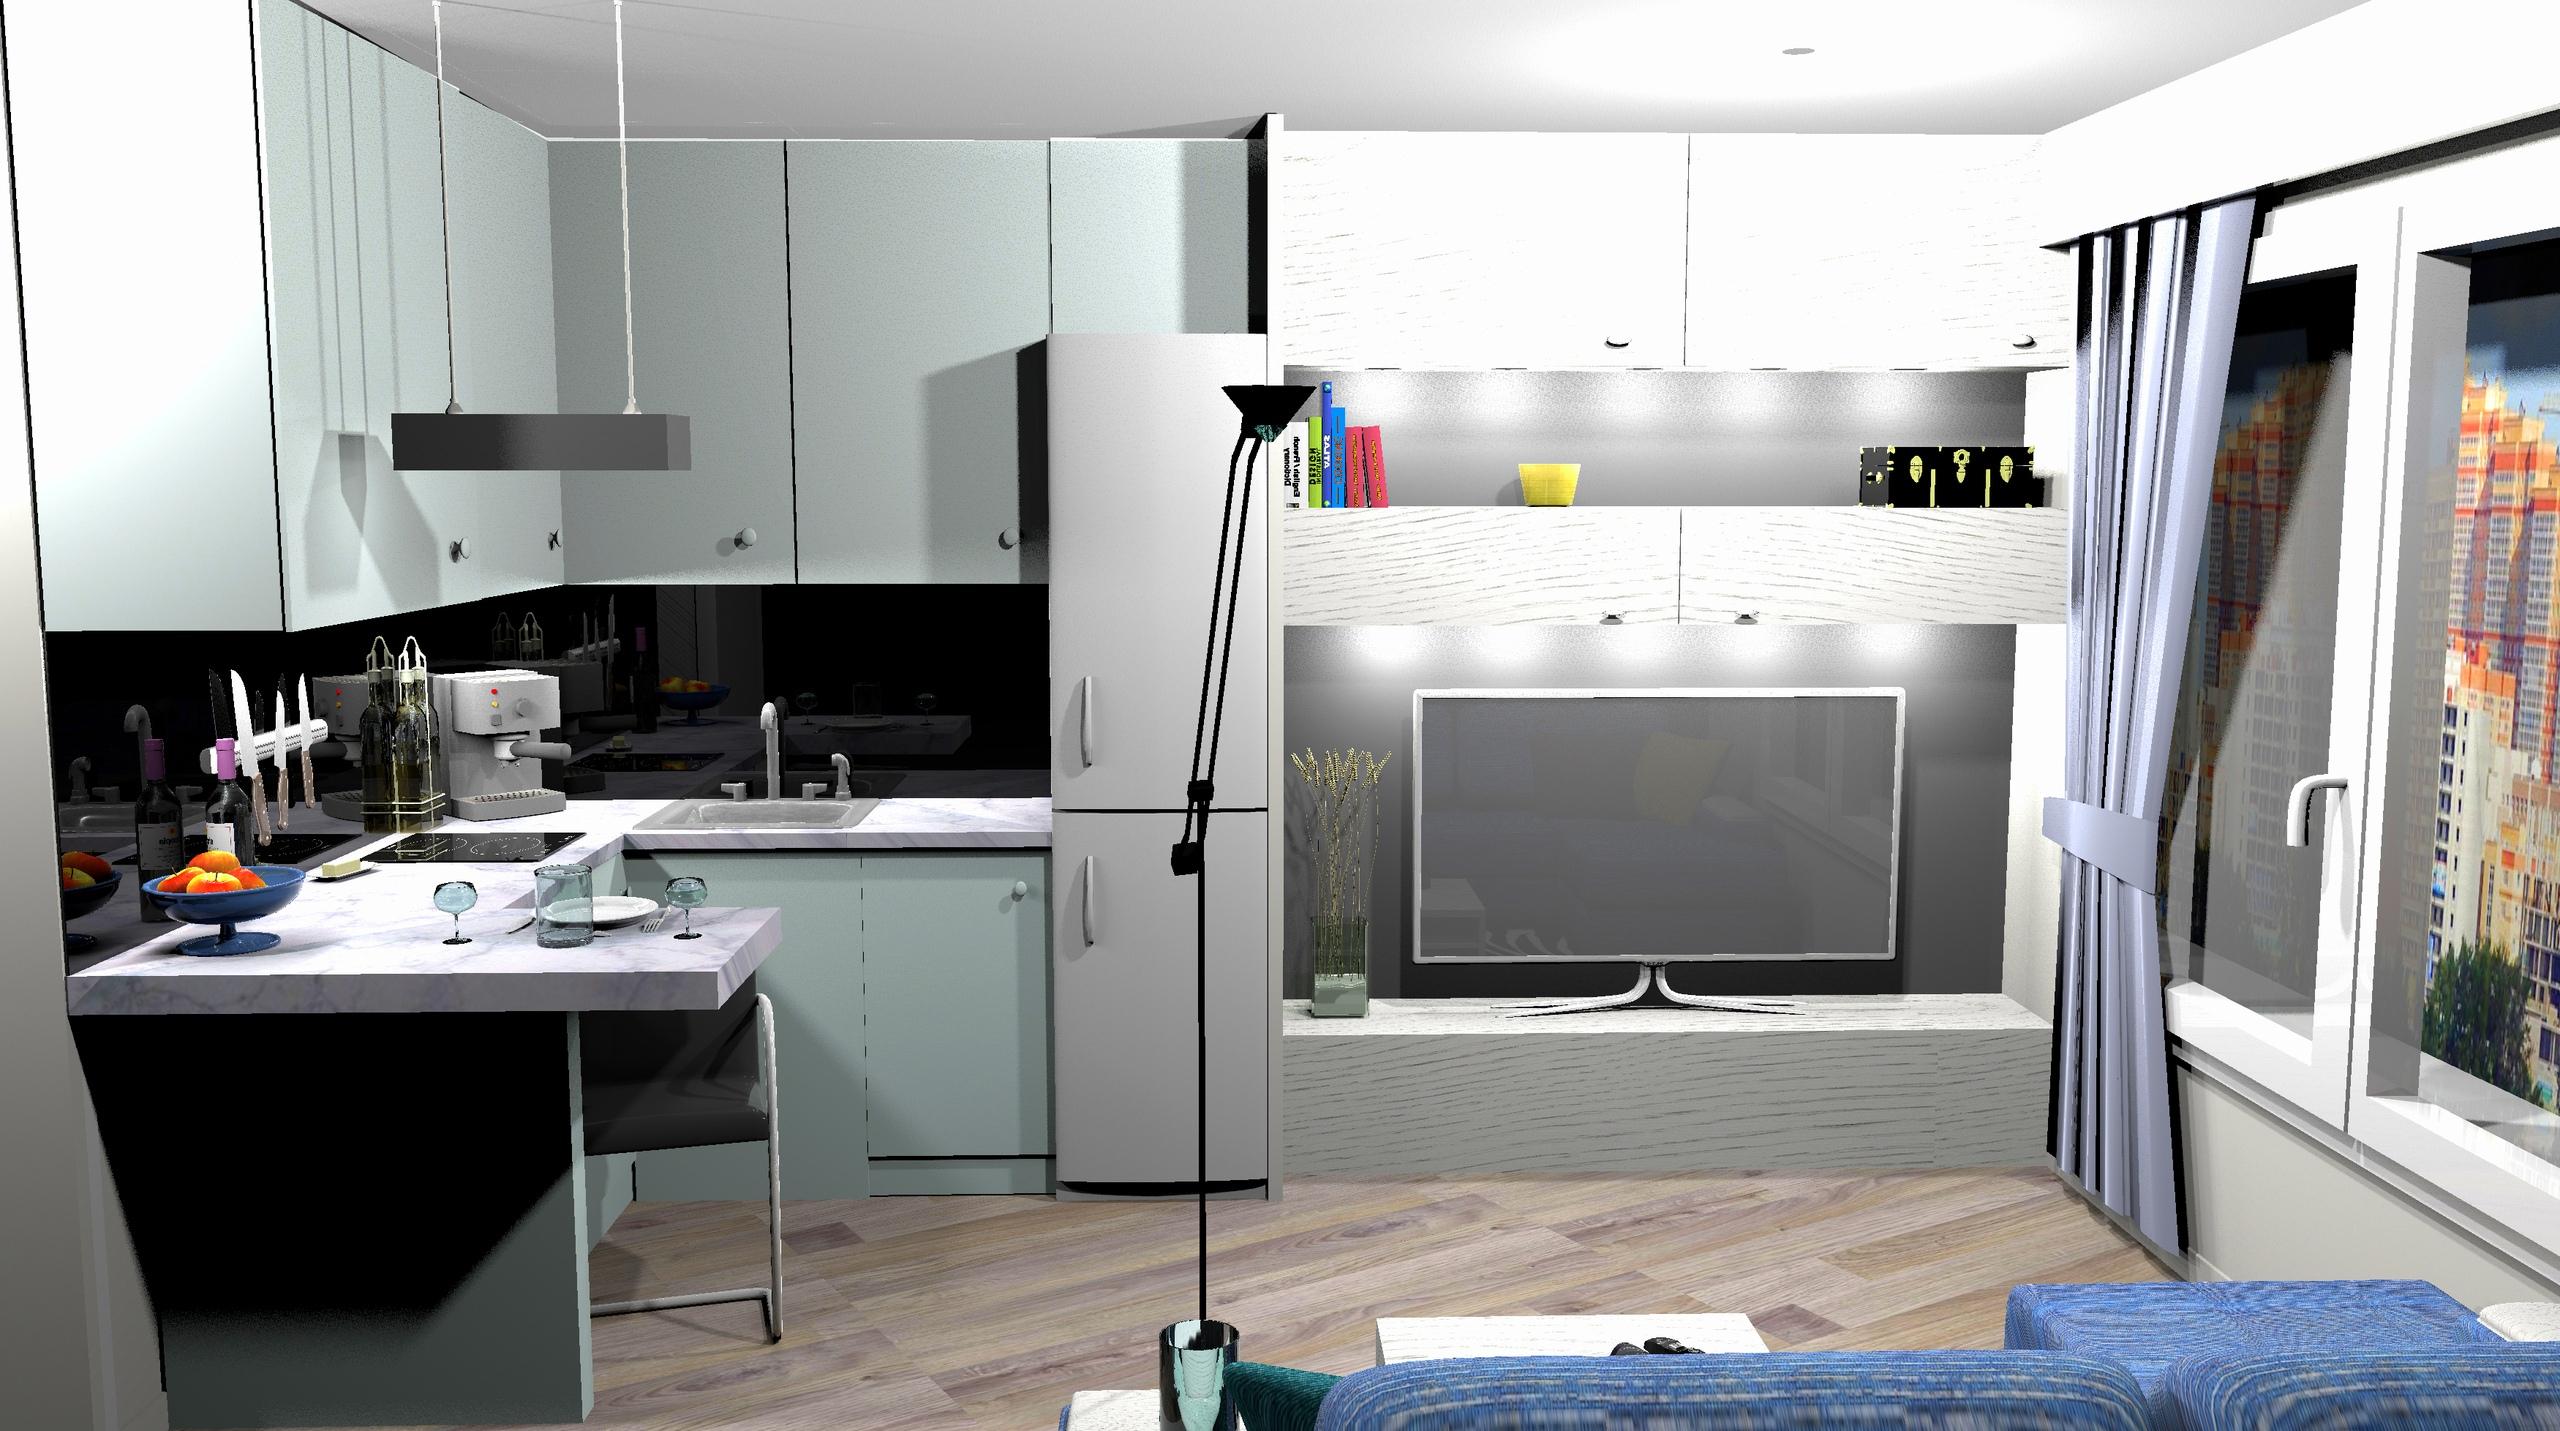 Визуализация интерьера студии 23 кв/м.